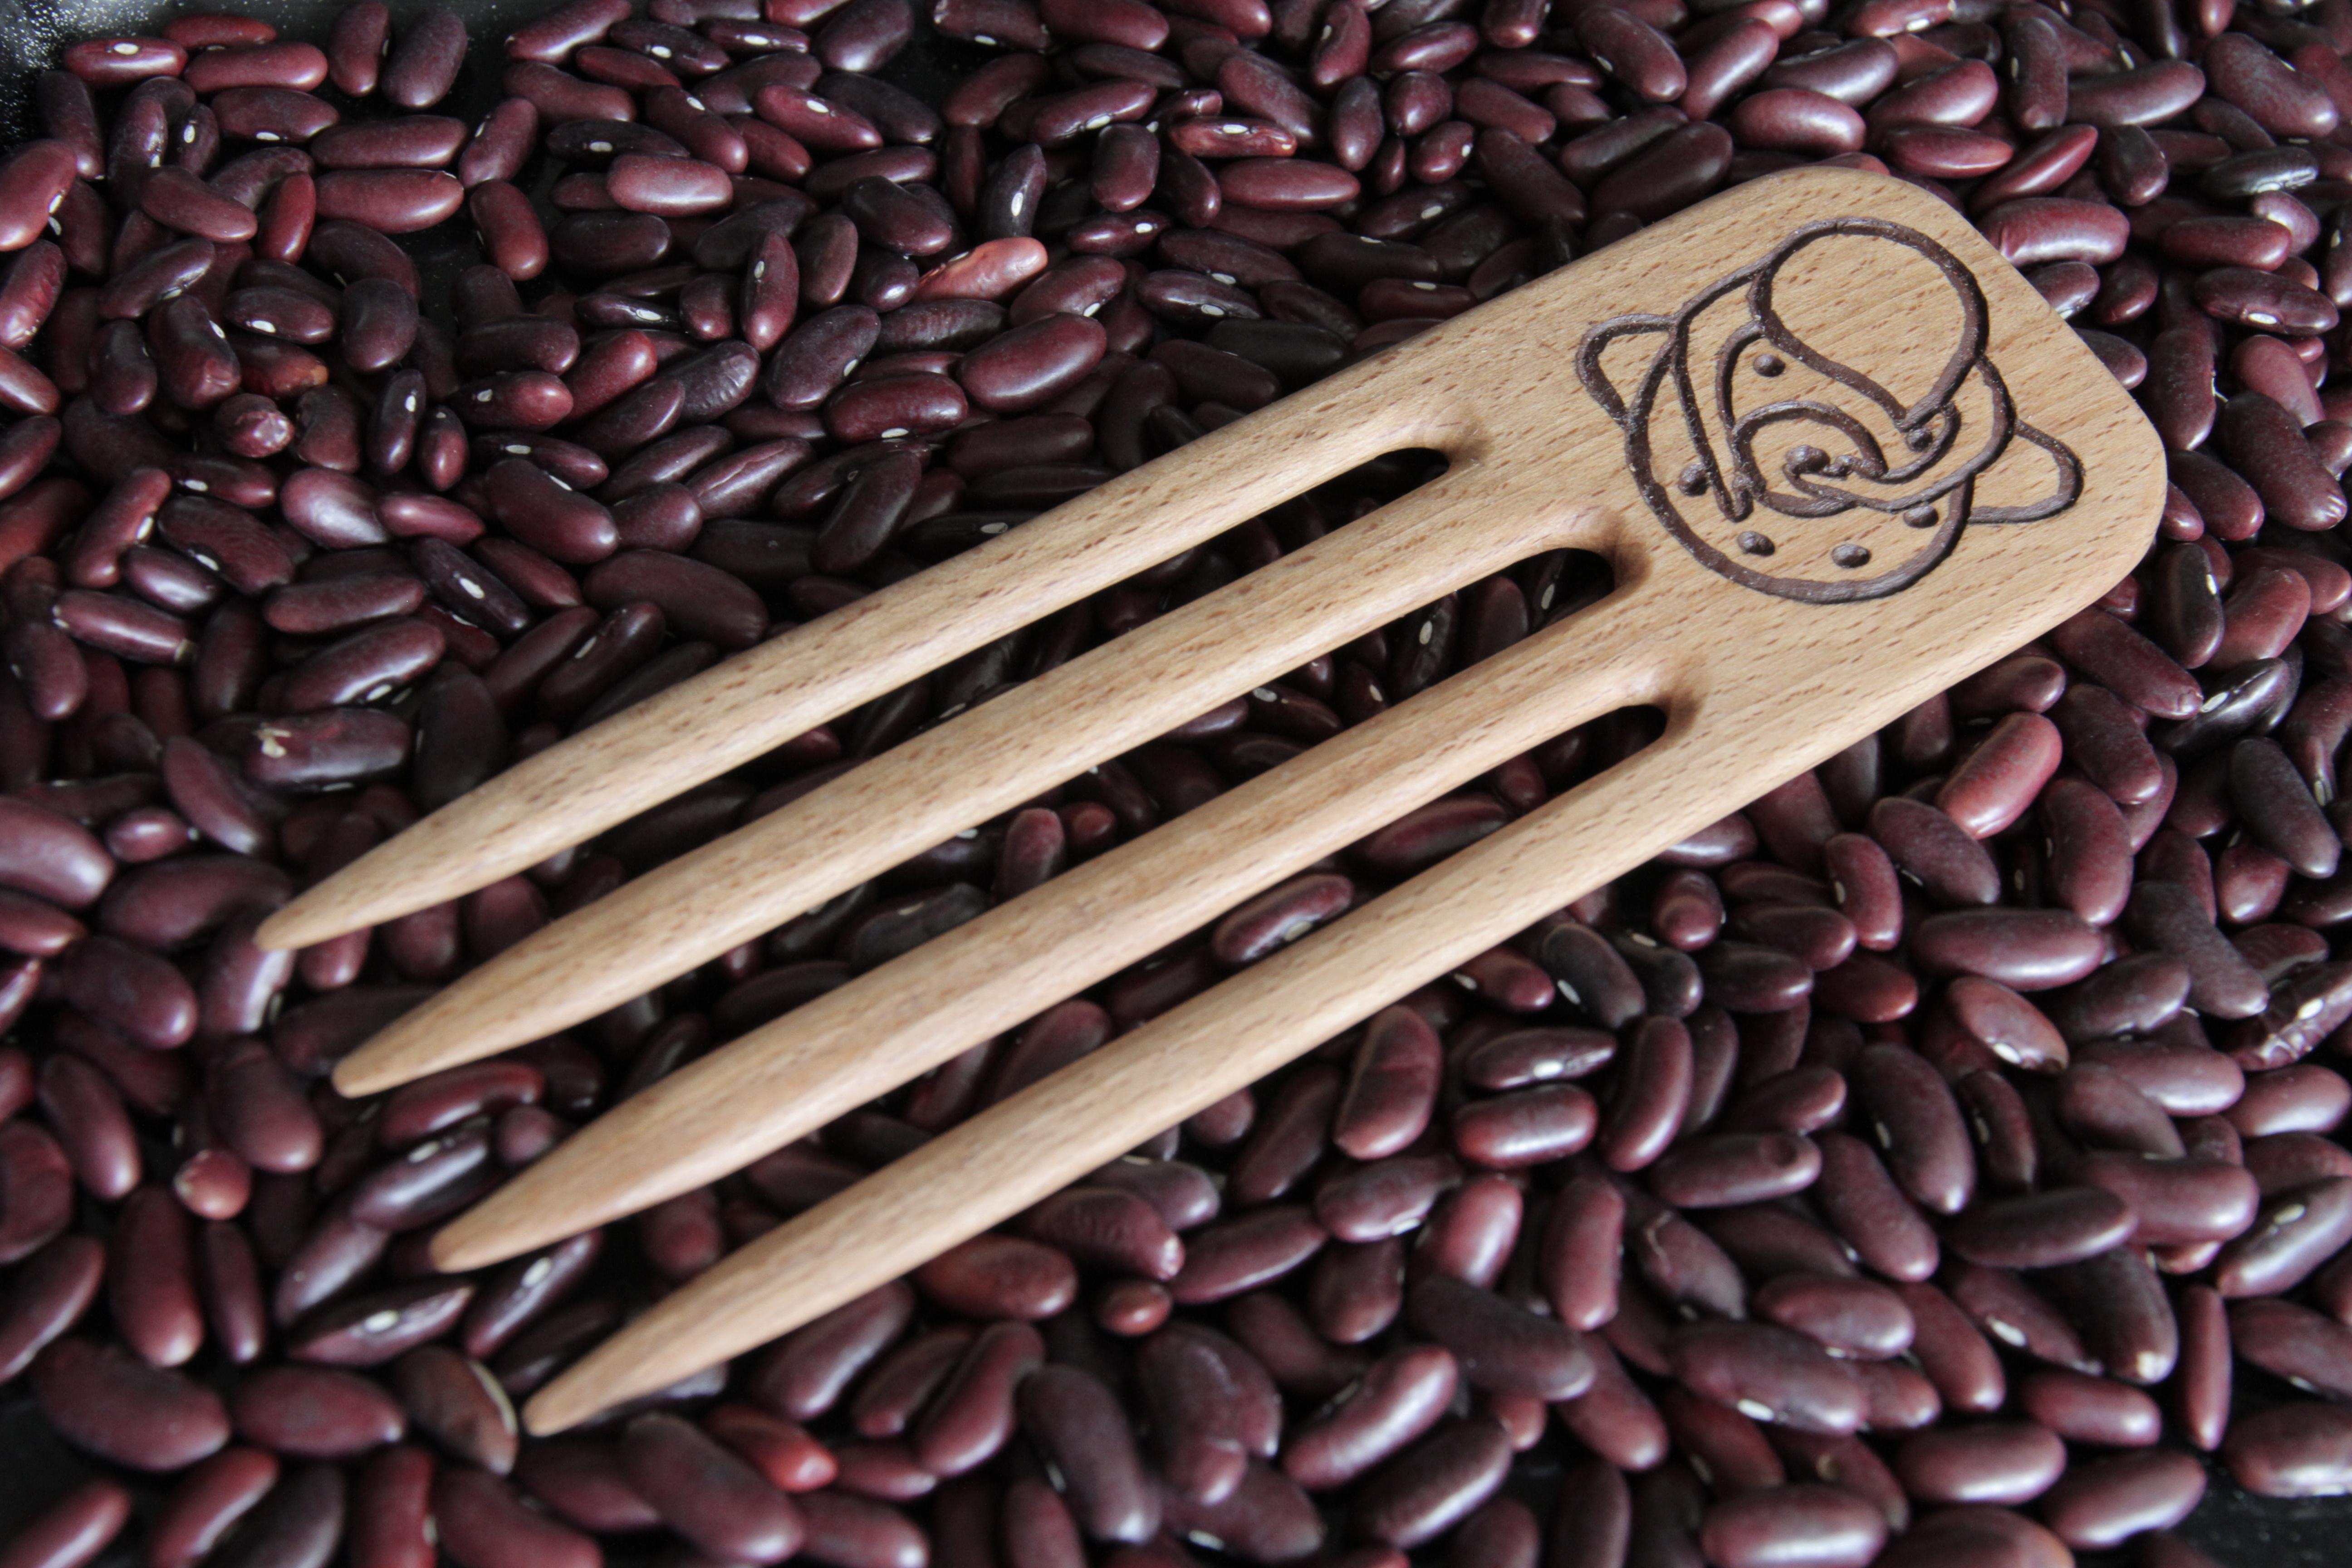 Гребень для волос. Handmade wooden comb